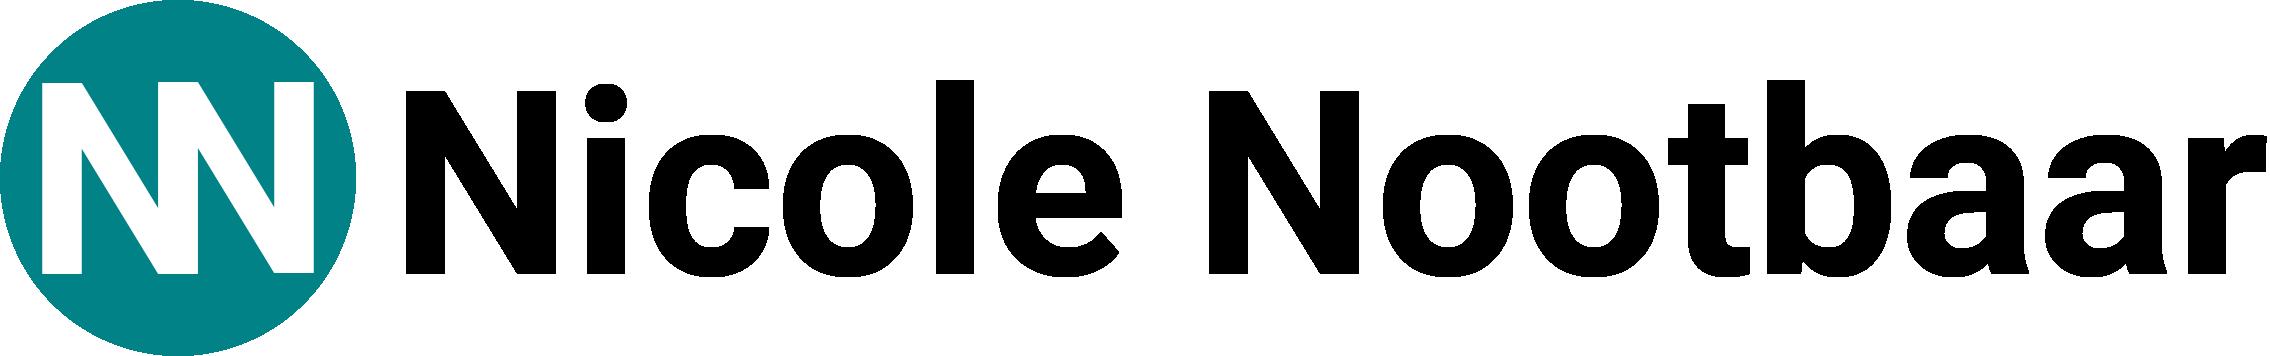 Nicole Nootbaar